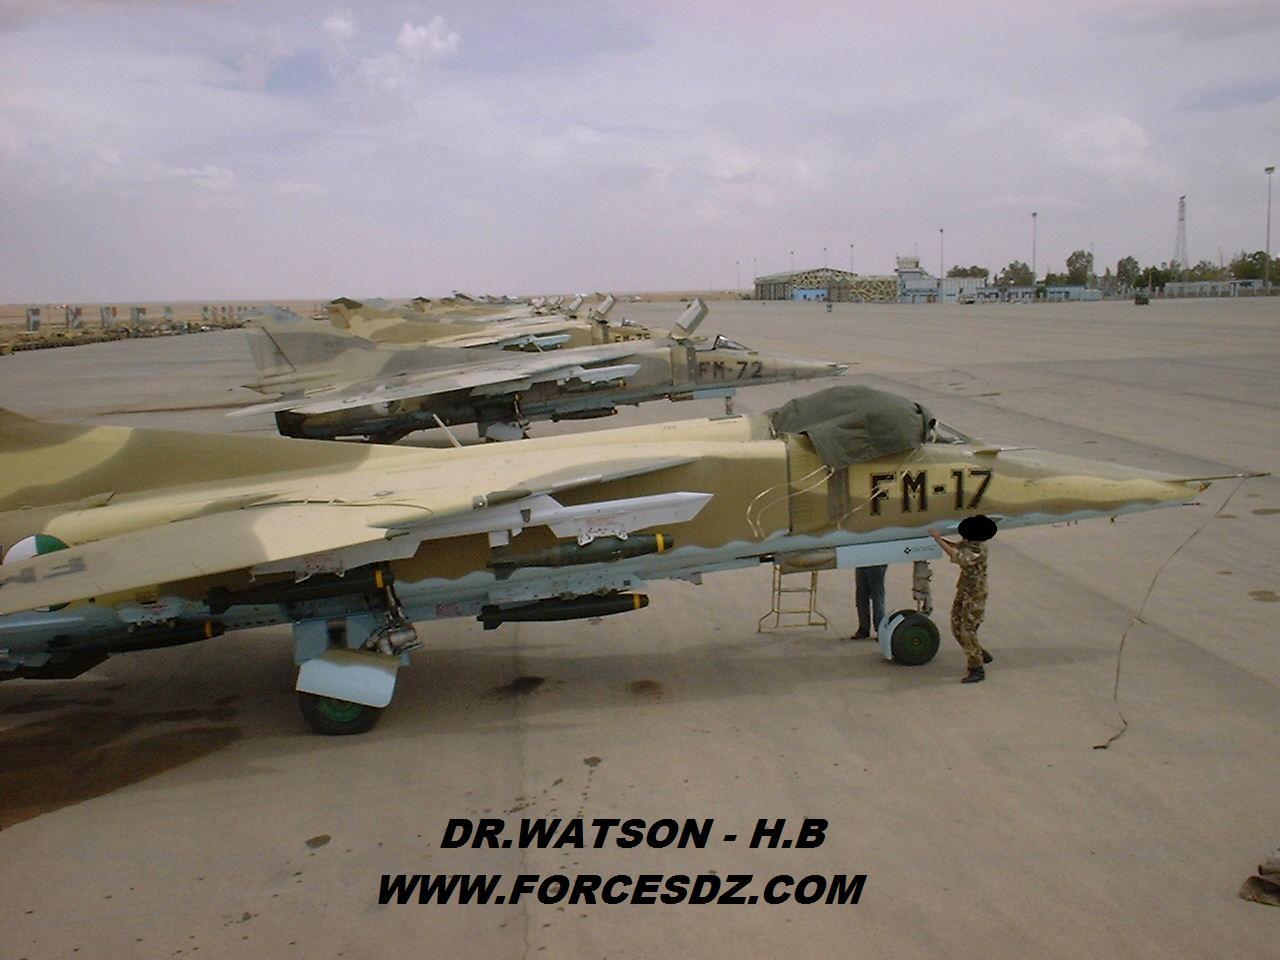 غارات ليبيا بين حفتر و الحقيقة ARGELIA%2BMIG-23BN%2B2%2BBOMBAS%2BMK-82